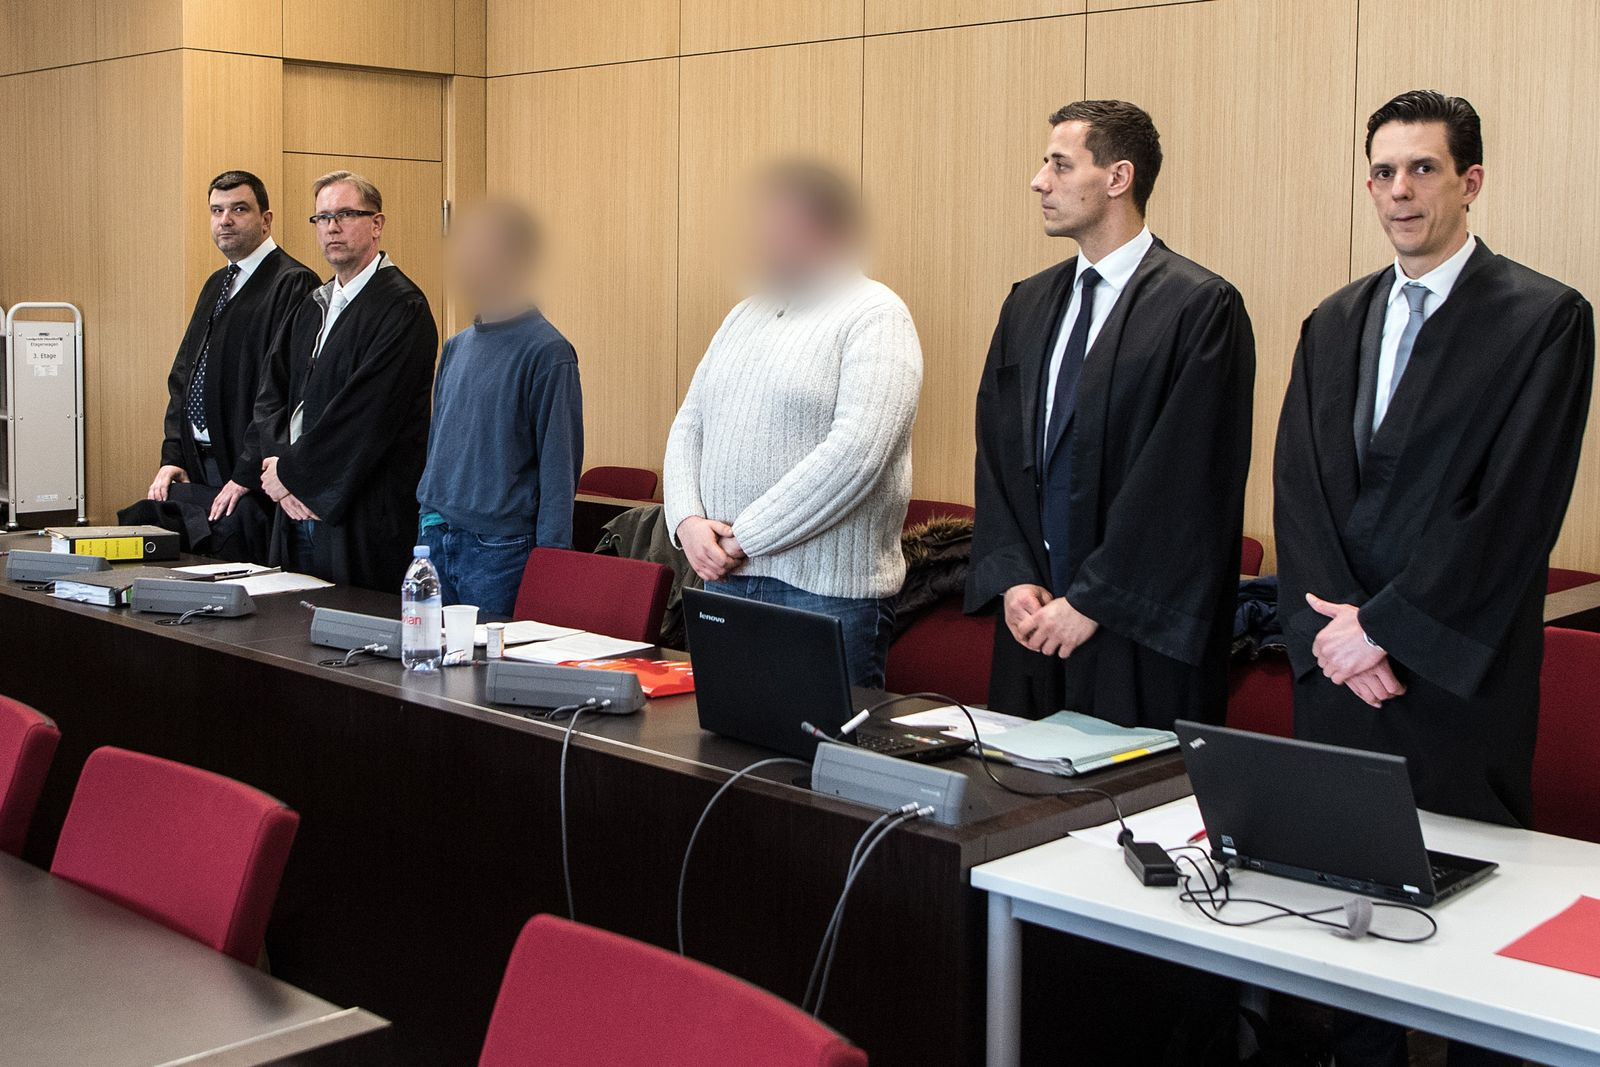 Prozess wegen Brandstiftung in einer Flüchtlingsunterkunft